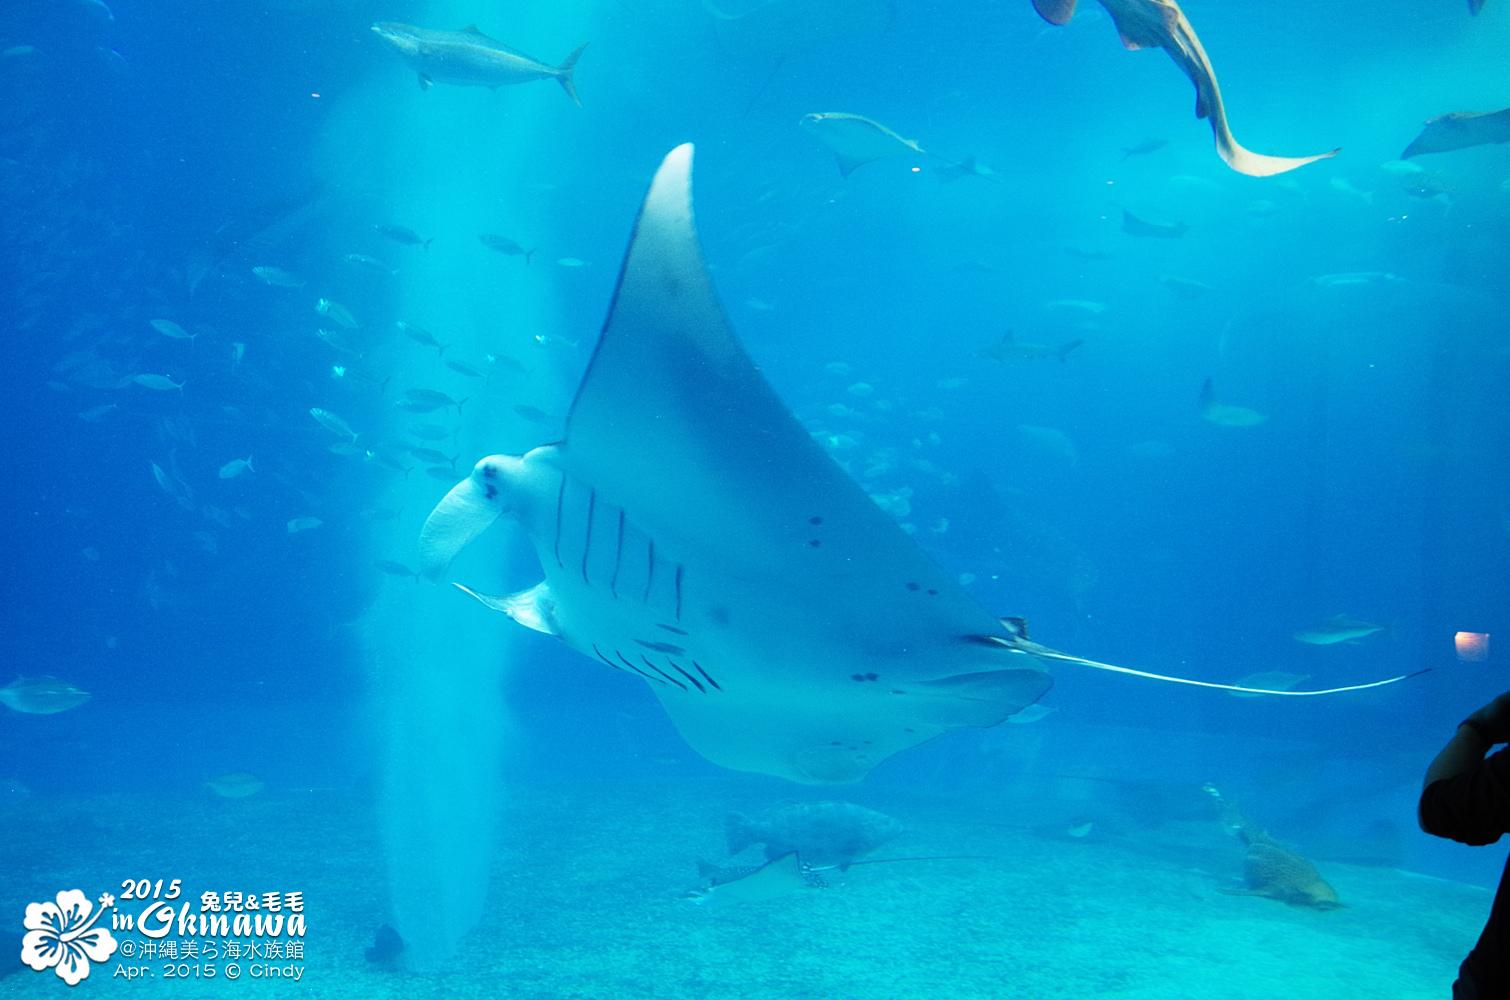 2015-0405-沖縄美ら海水族館-30.jpg